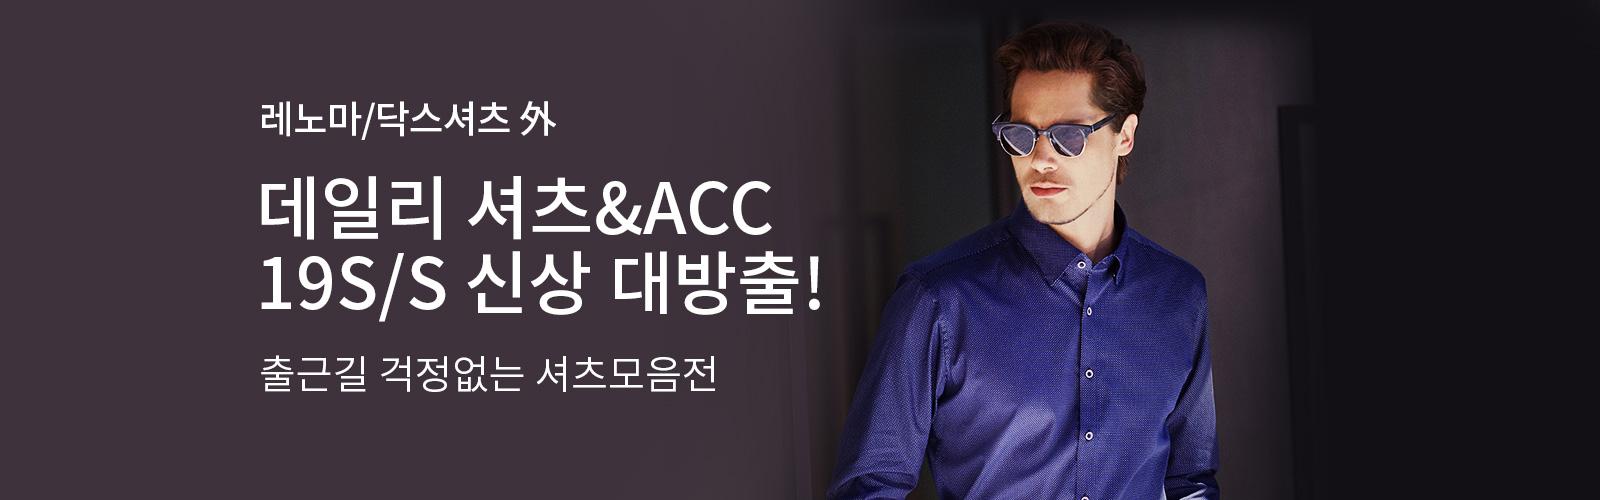 레노마/닥스셔츠 外 데일리 셔츠&ACC 19S/S 신상 대방출